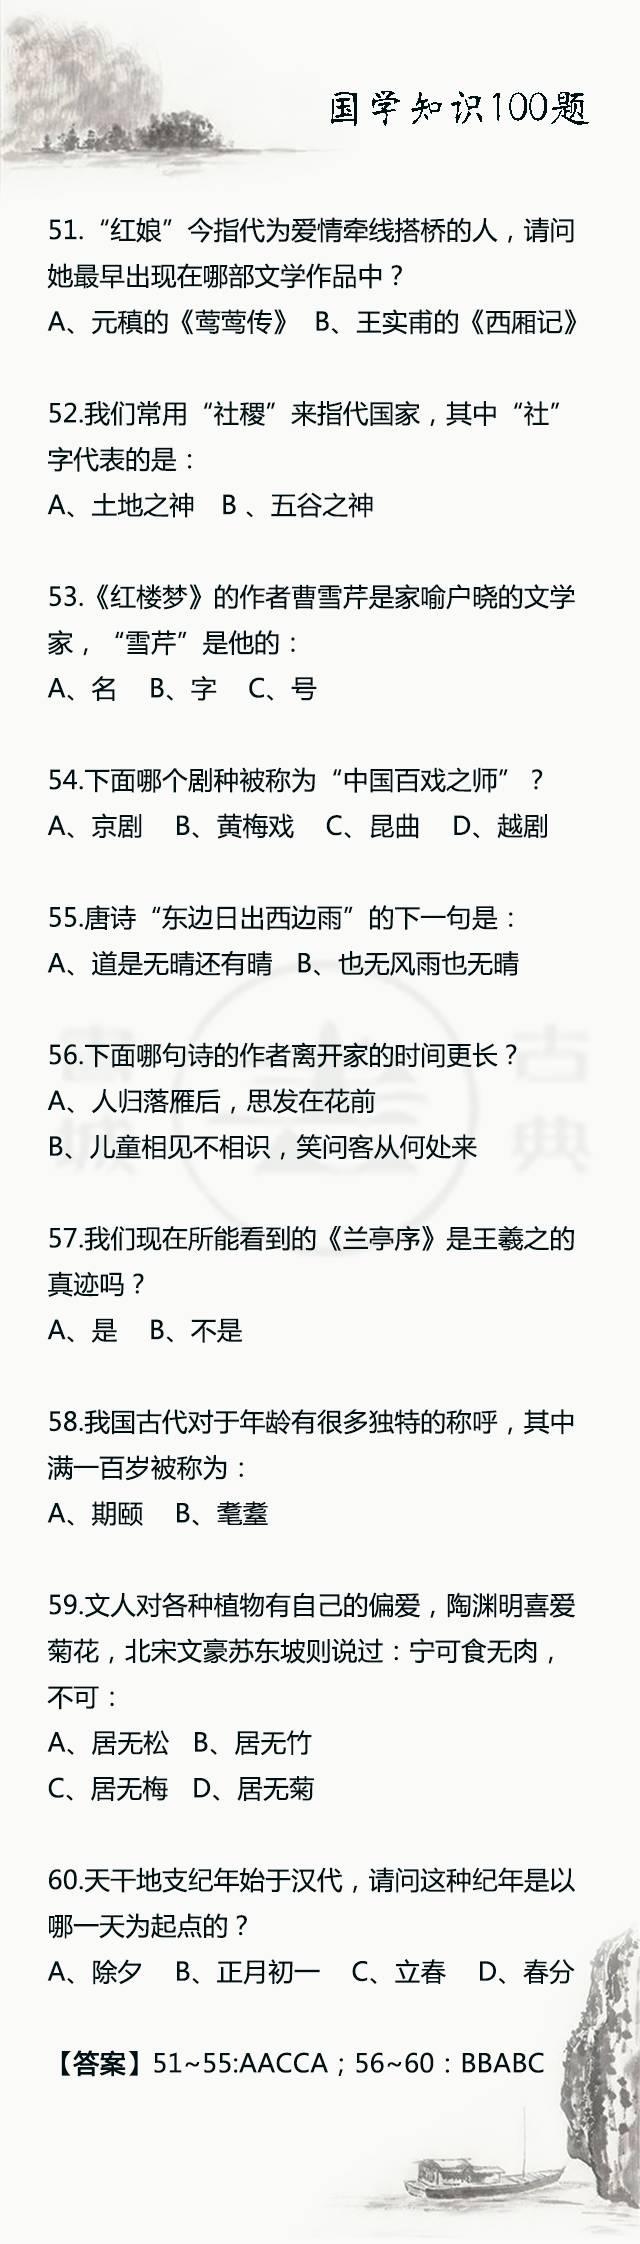 新版中国文化知识100题—— - 真心阳光 - 《真心阳光》博客